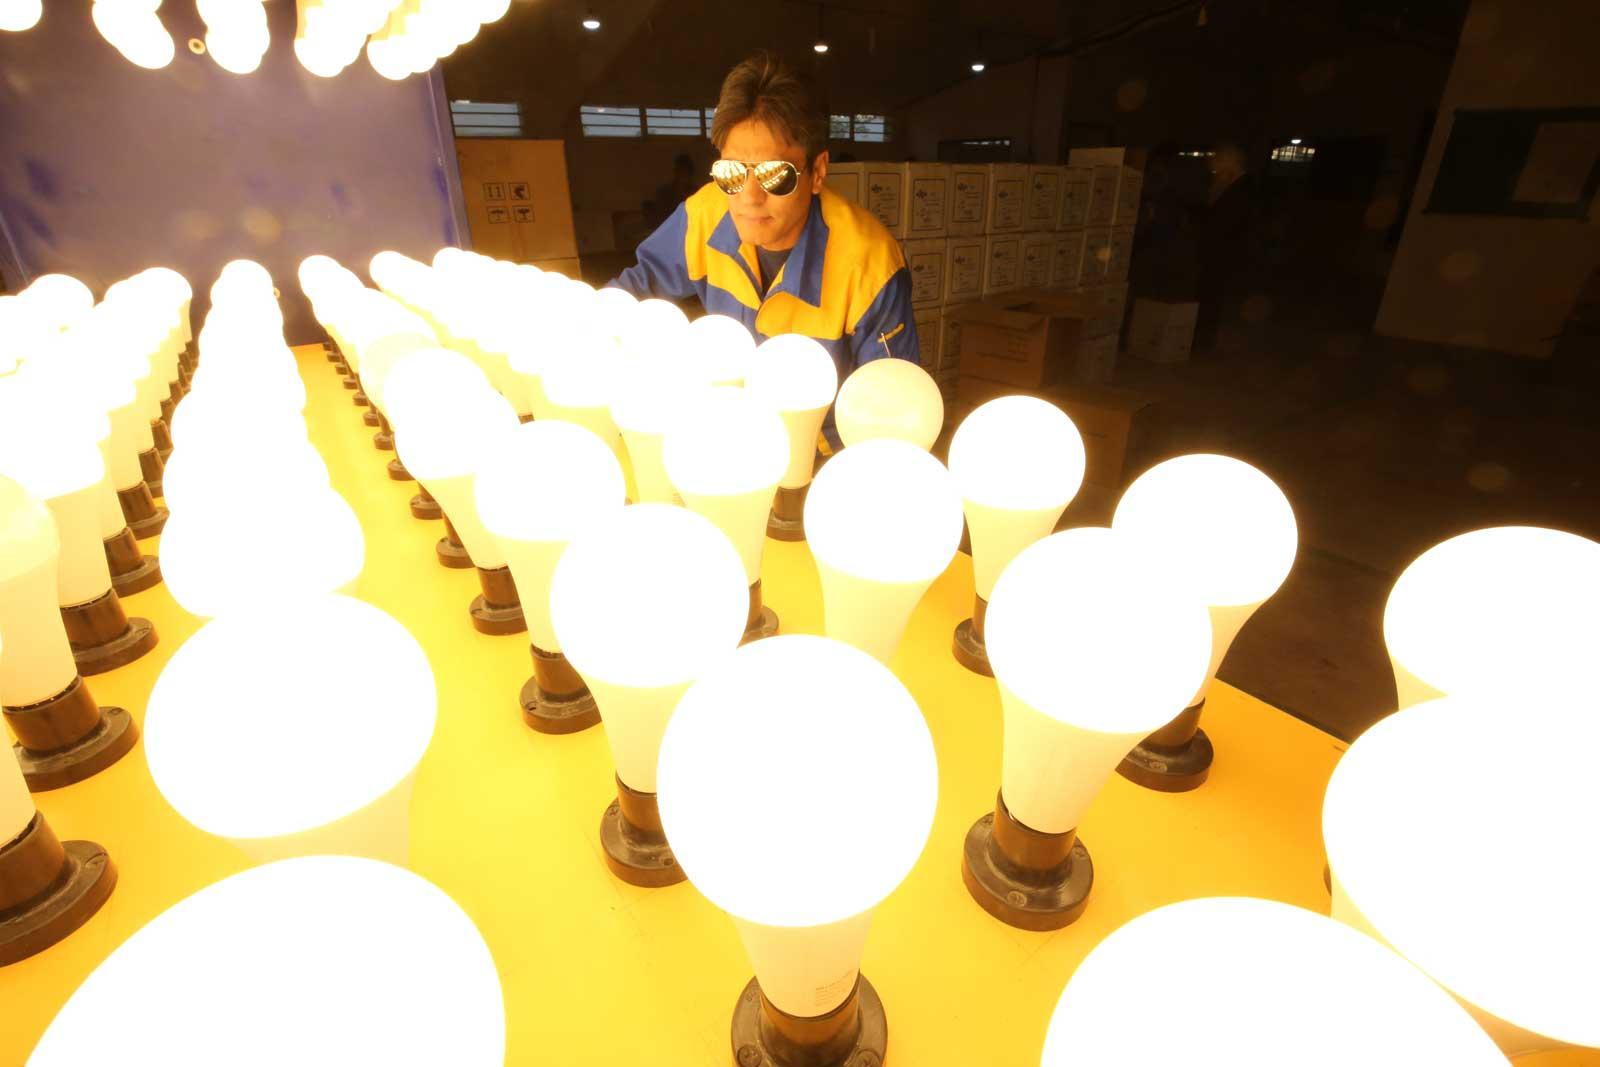 خدمات پس از فروش لامپ میتره